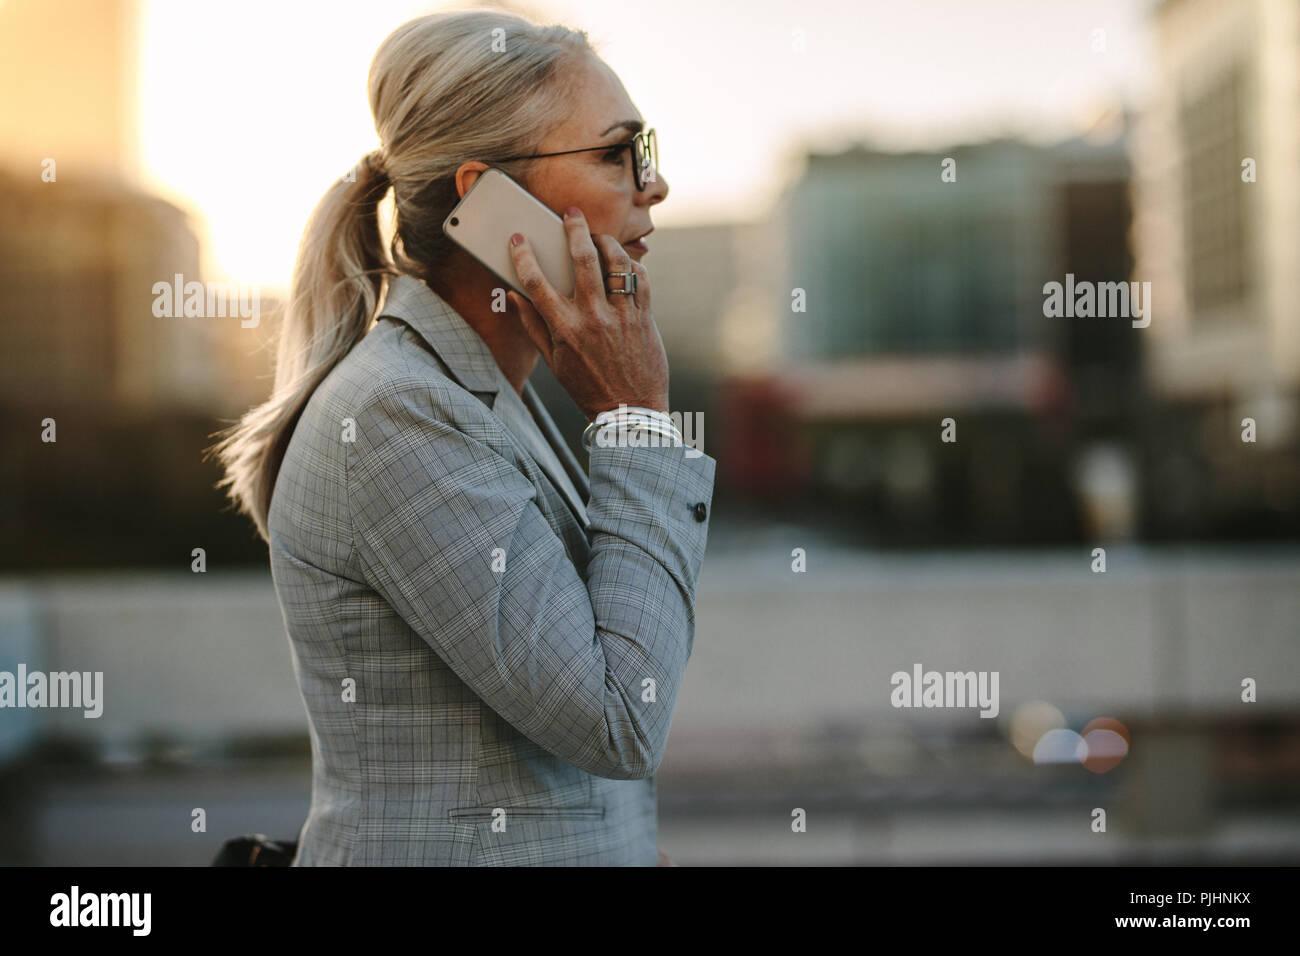 Vista lateral de altos profesionales de negocios caminando fuera en la carretera hablando por teléfono celular. Empresaria madura caminando afuera en la calle con el móvil p Imagen De Stock